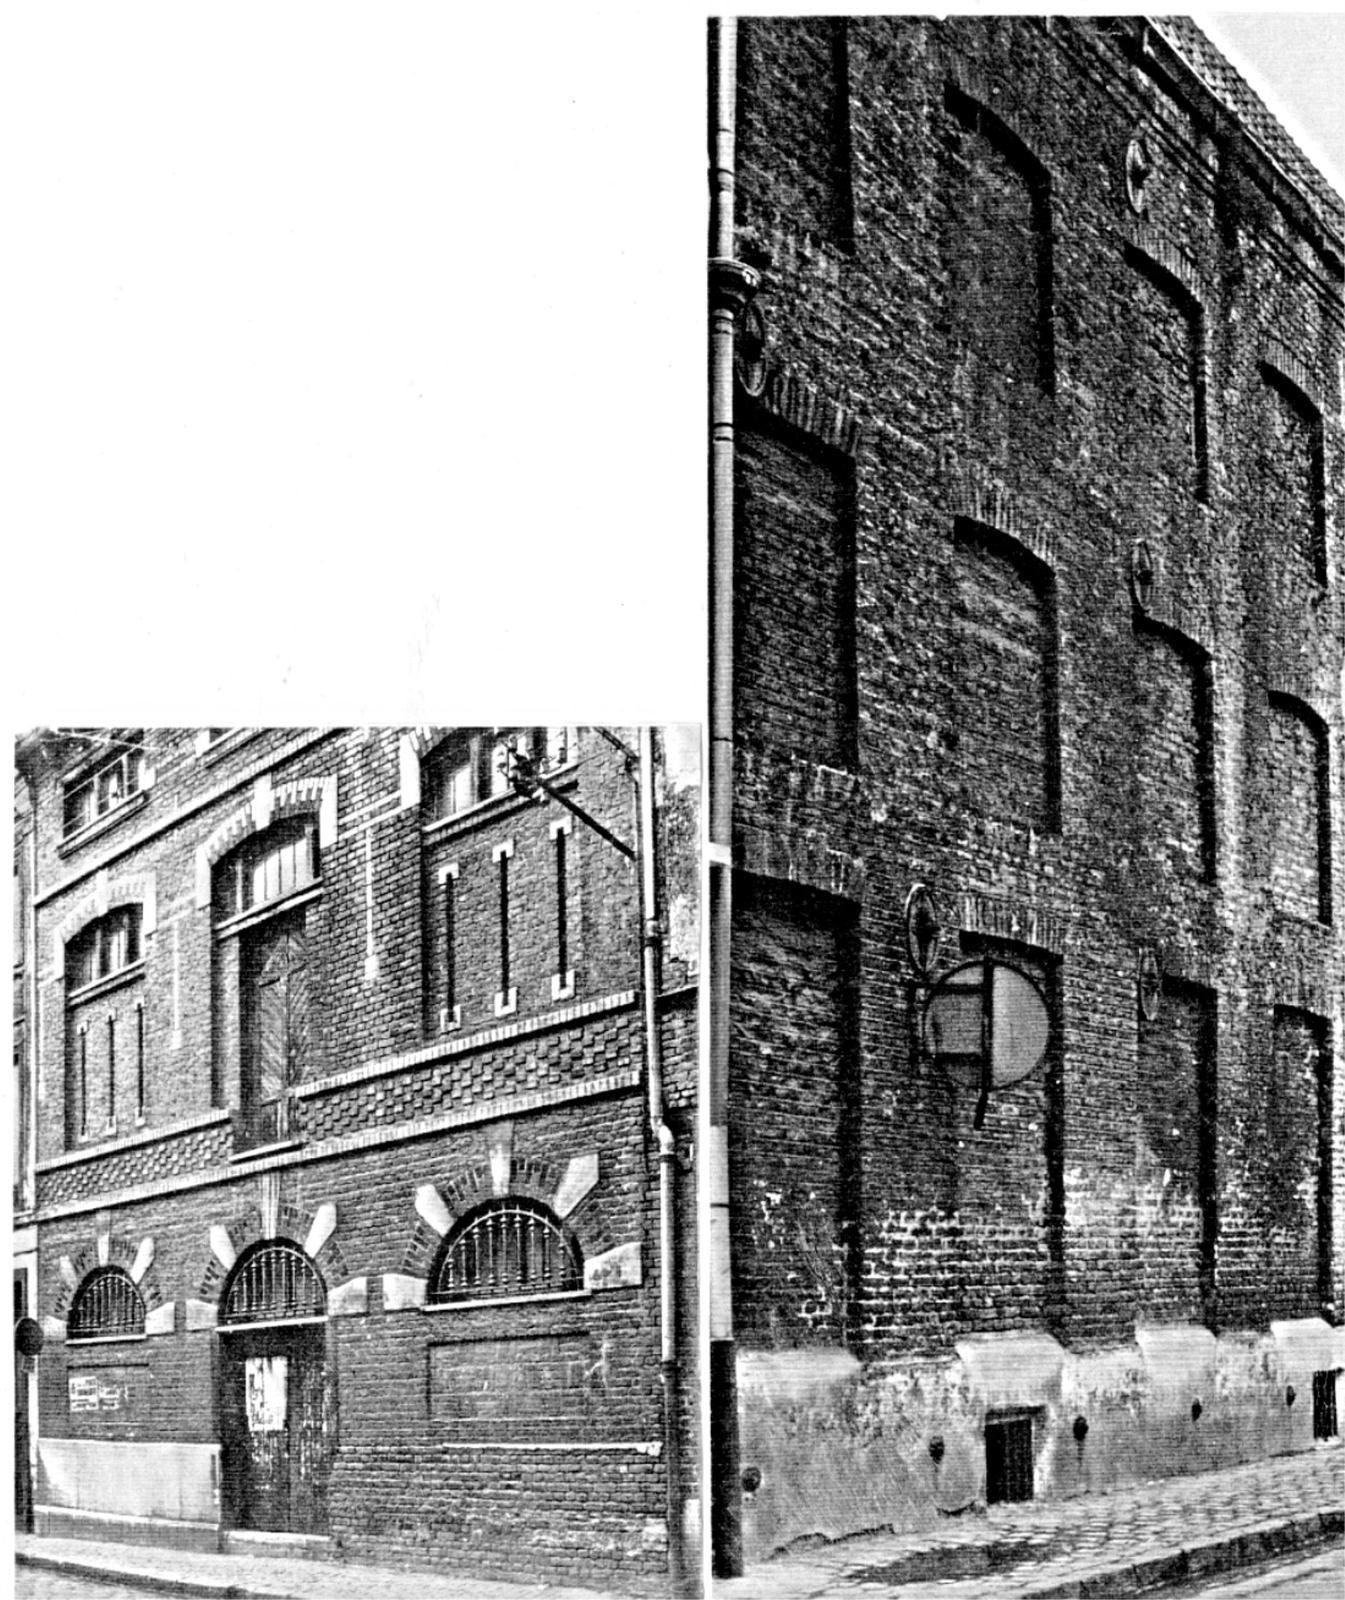 Vues de la Brasserie avant sa démolition dans les années 1975.